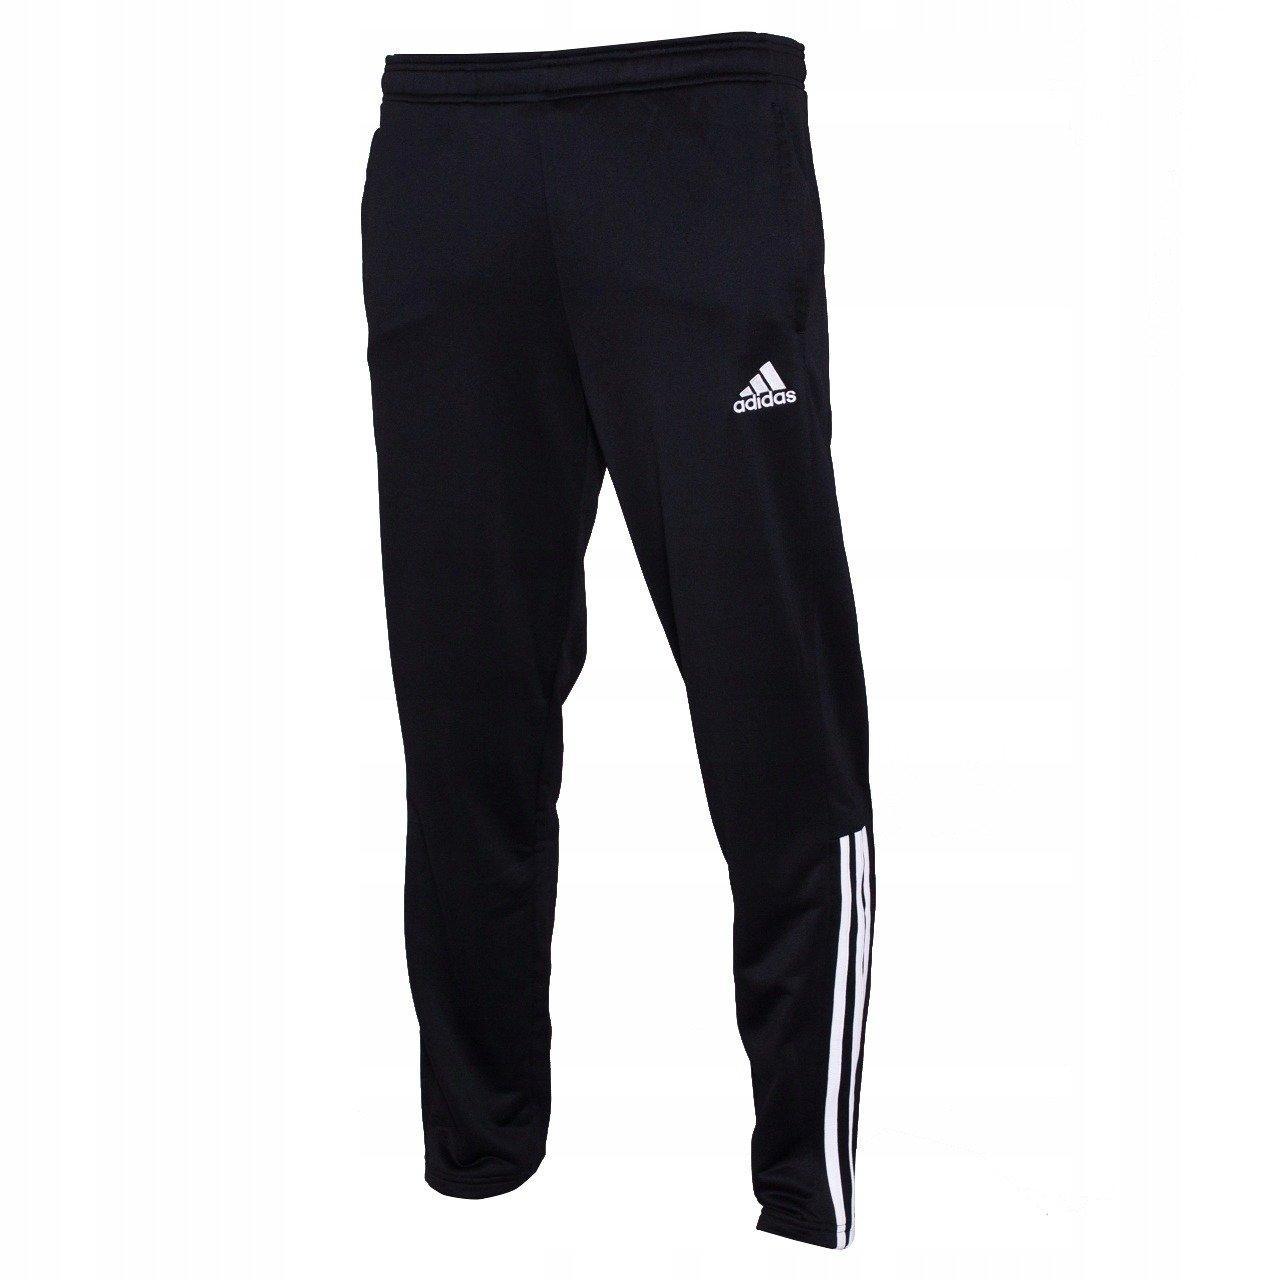 Spodnie piłkarskie męskie adidas Regista 18 czarne treningowe